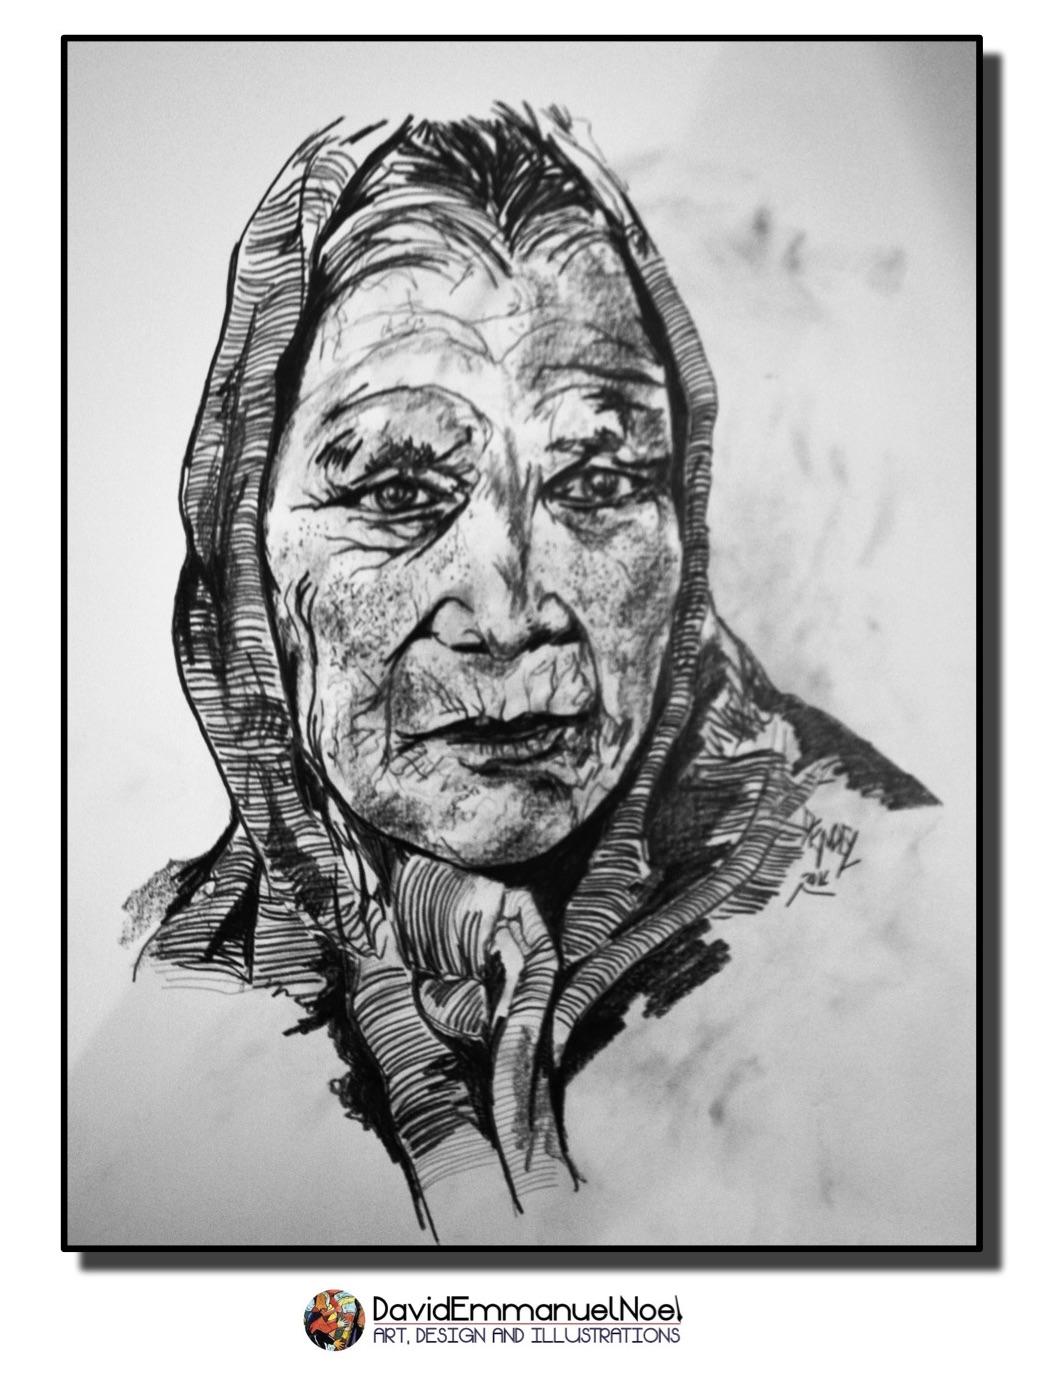 David Emmanuel Noel- The Old lady